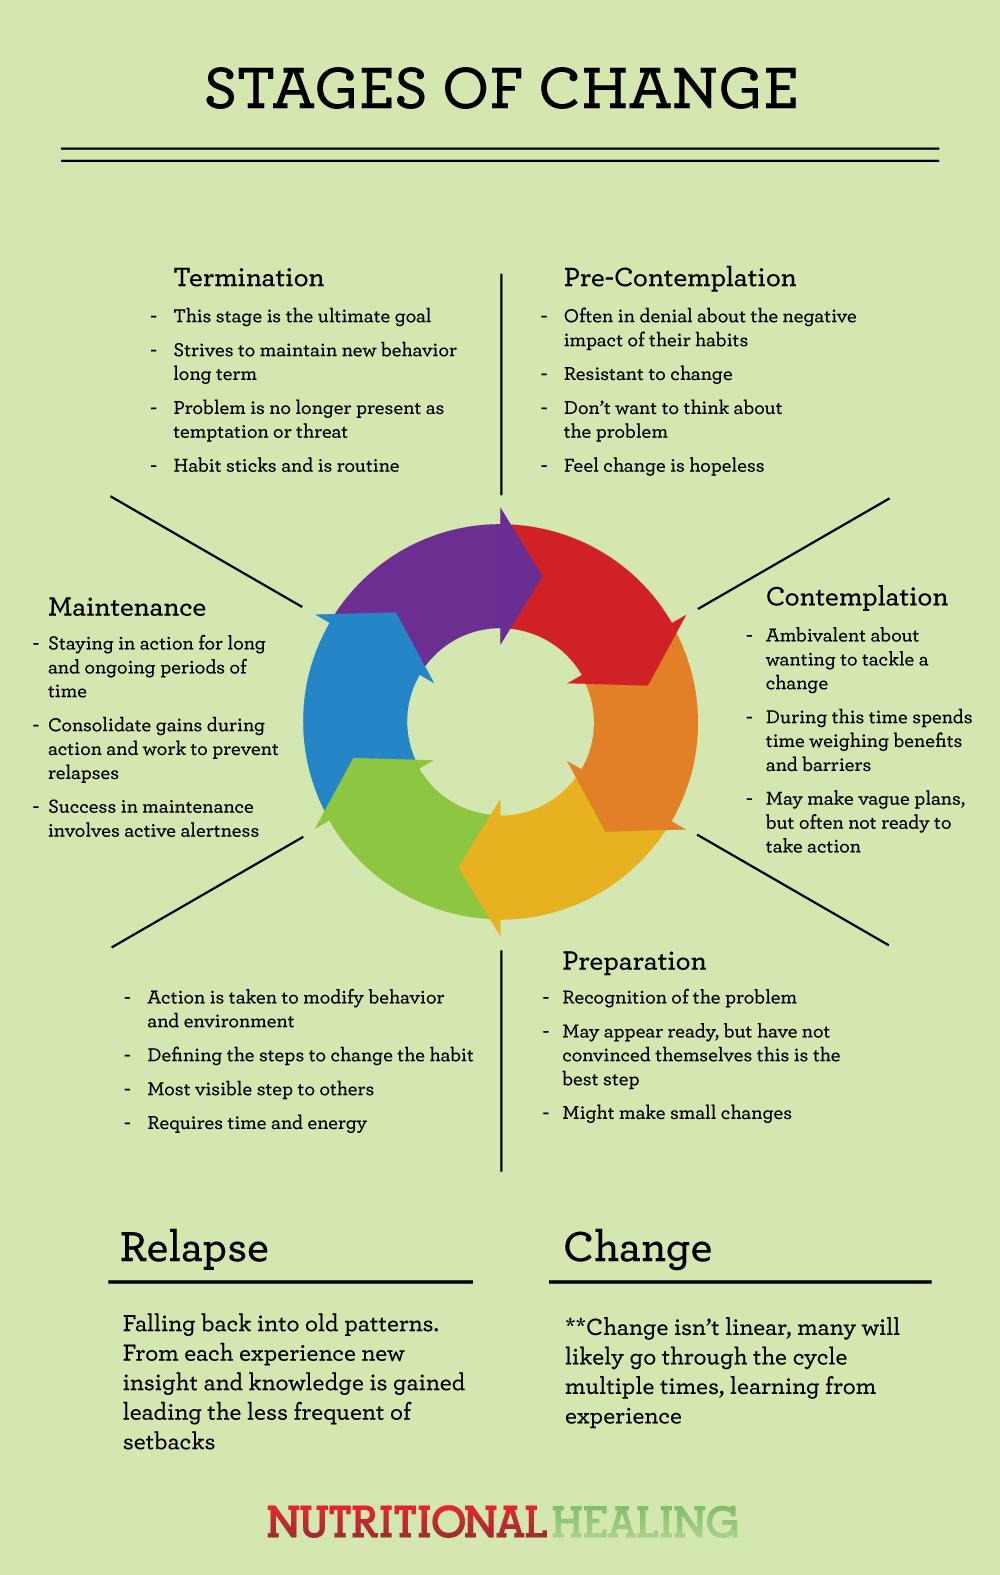 29 Stage Of Change Worksheet   Worksheet Database Source